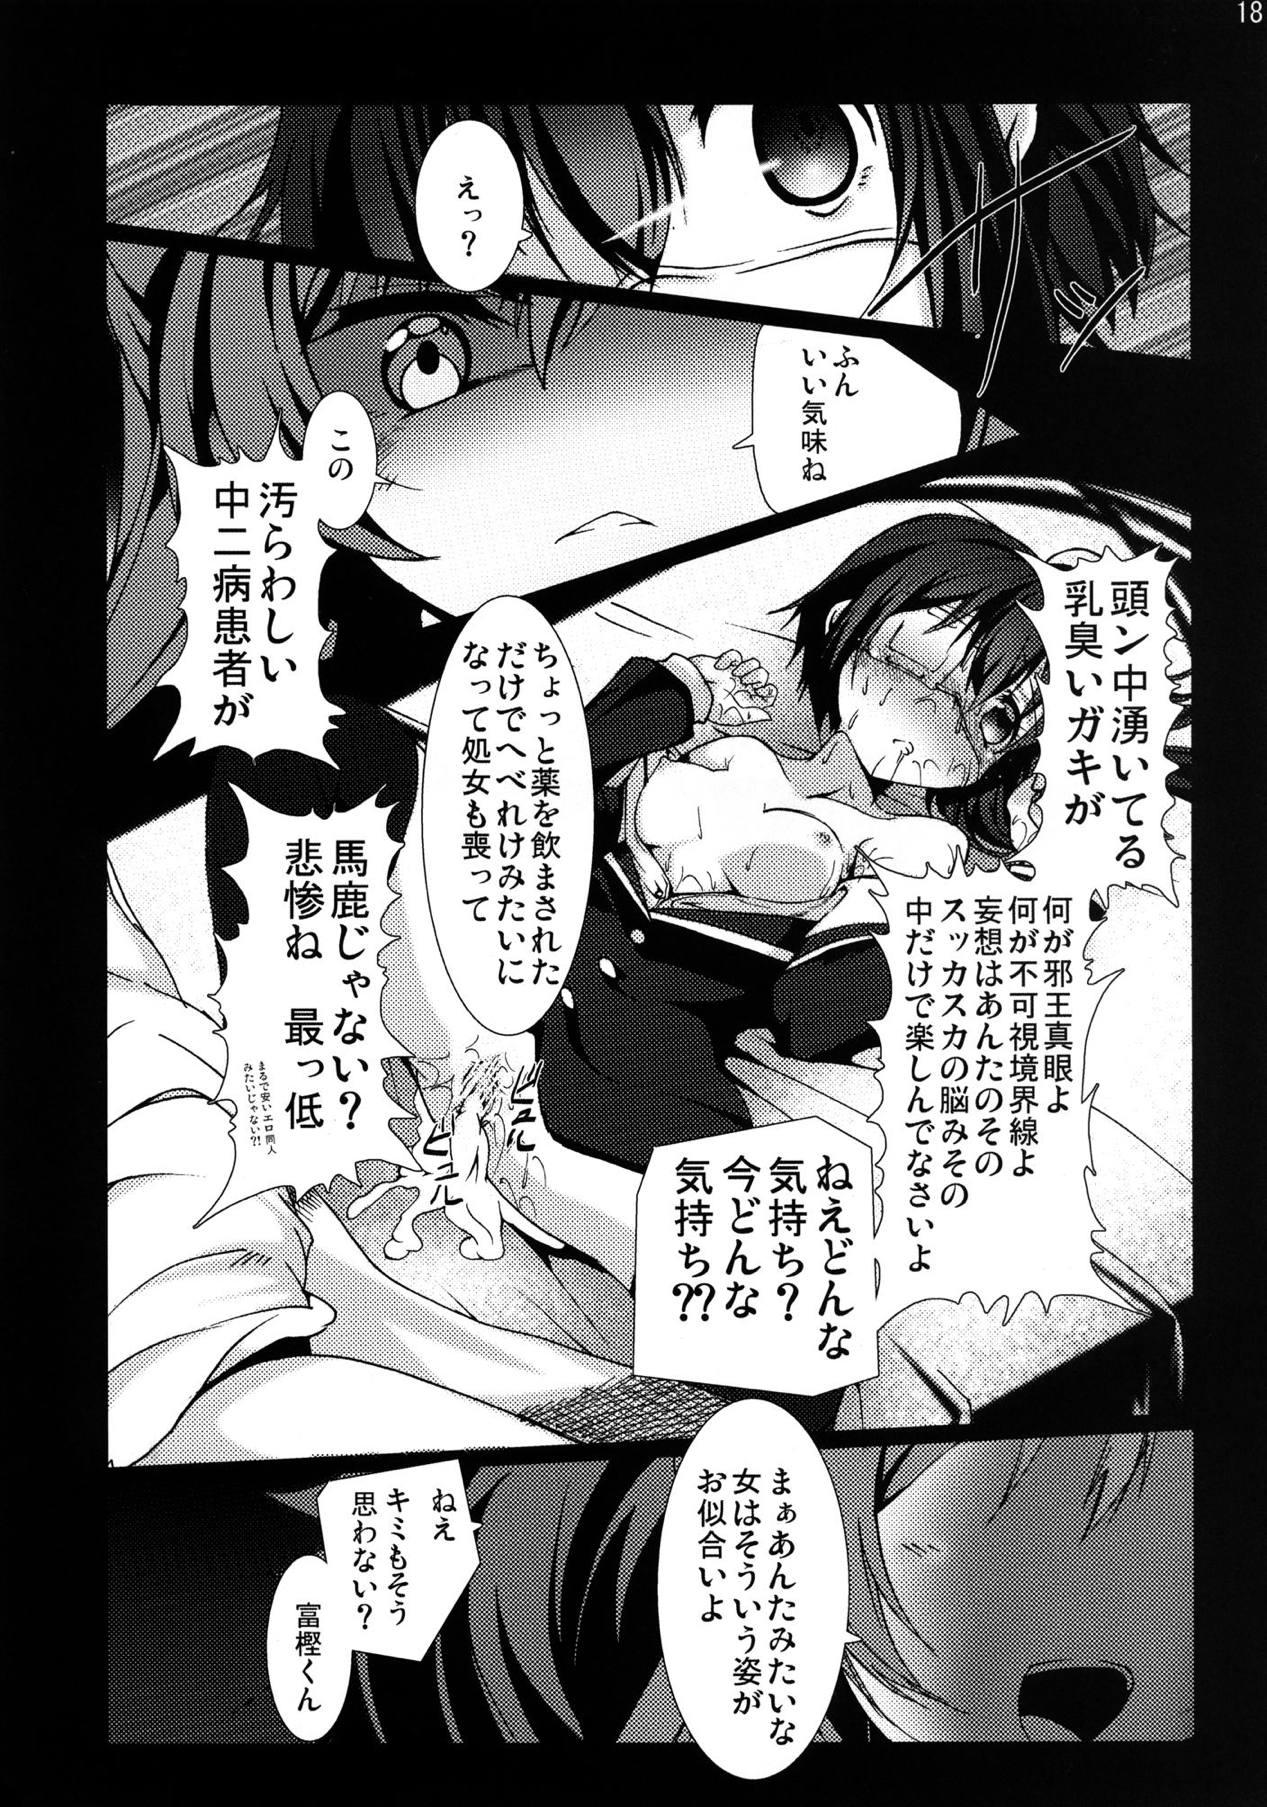 Chuunibyou demo Ninshin Shitai! 16